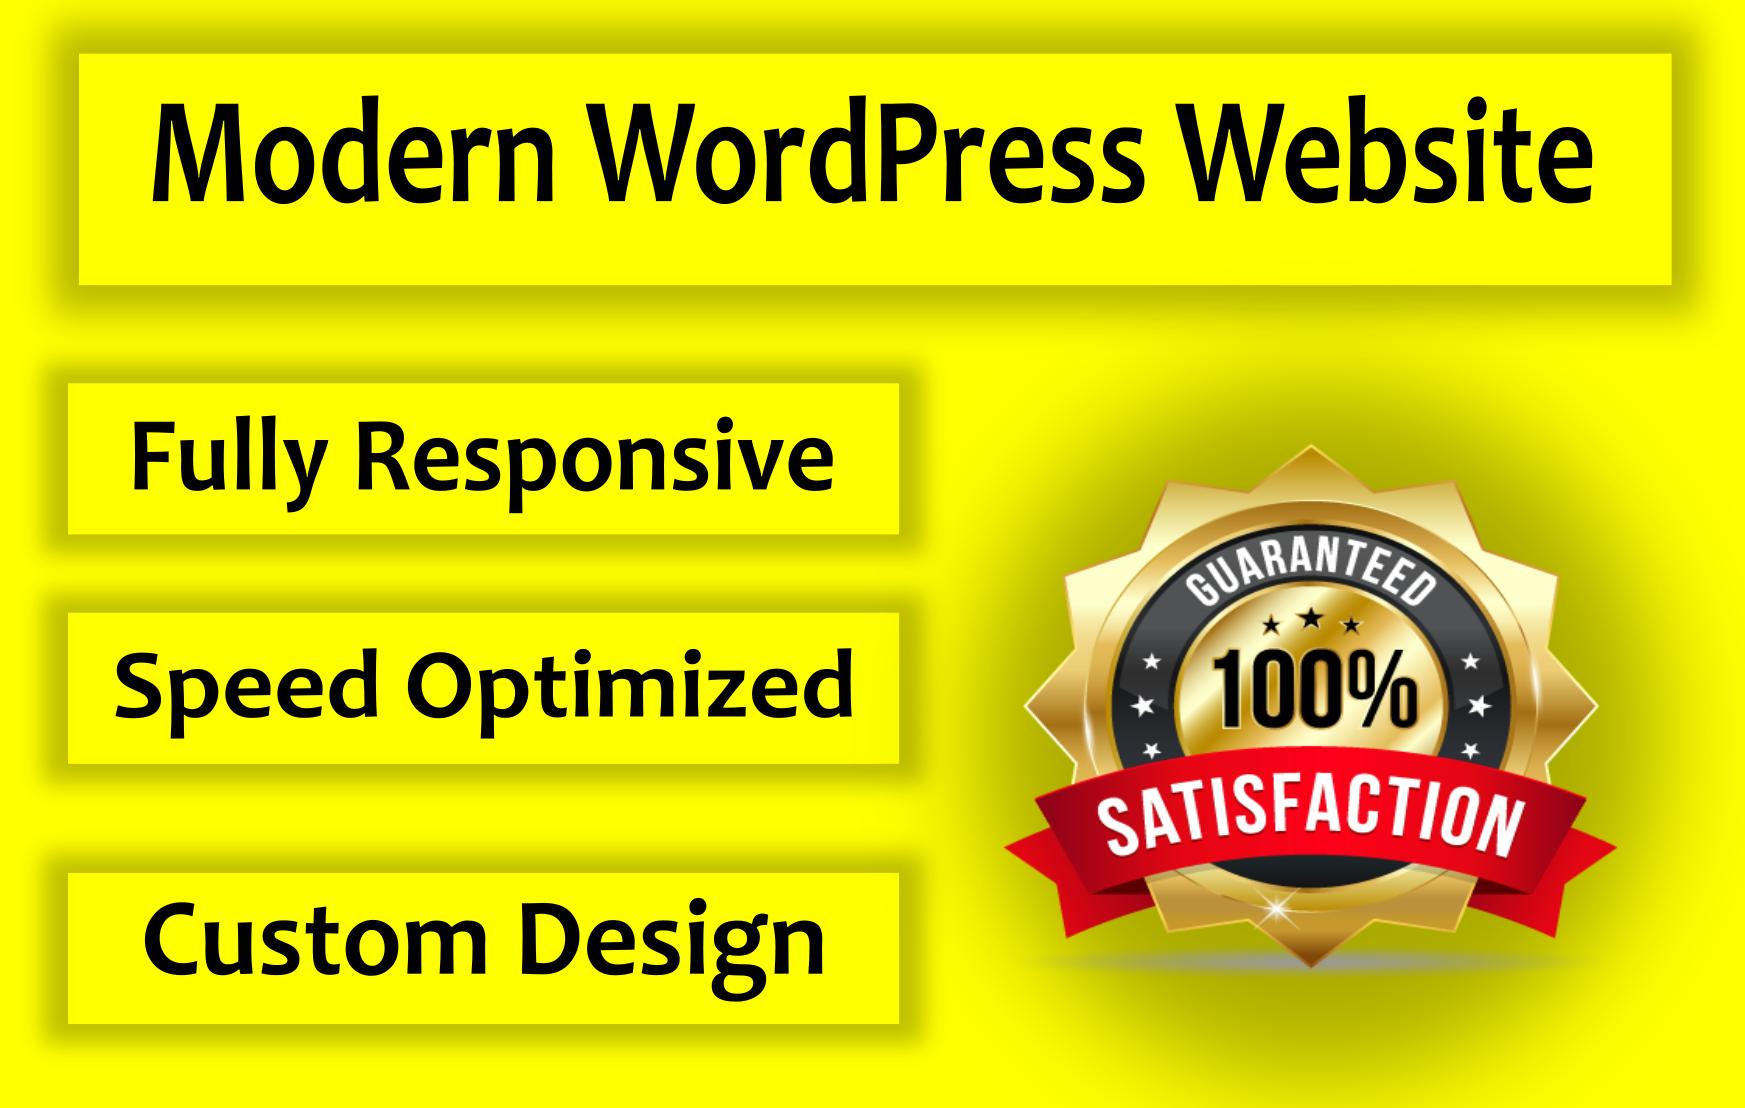 I will design a modern WordPress website